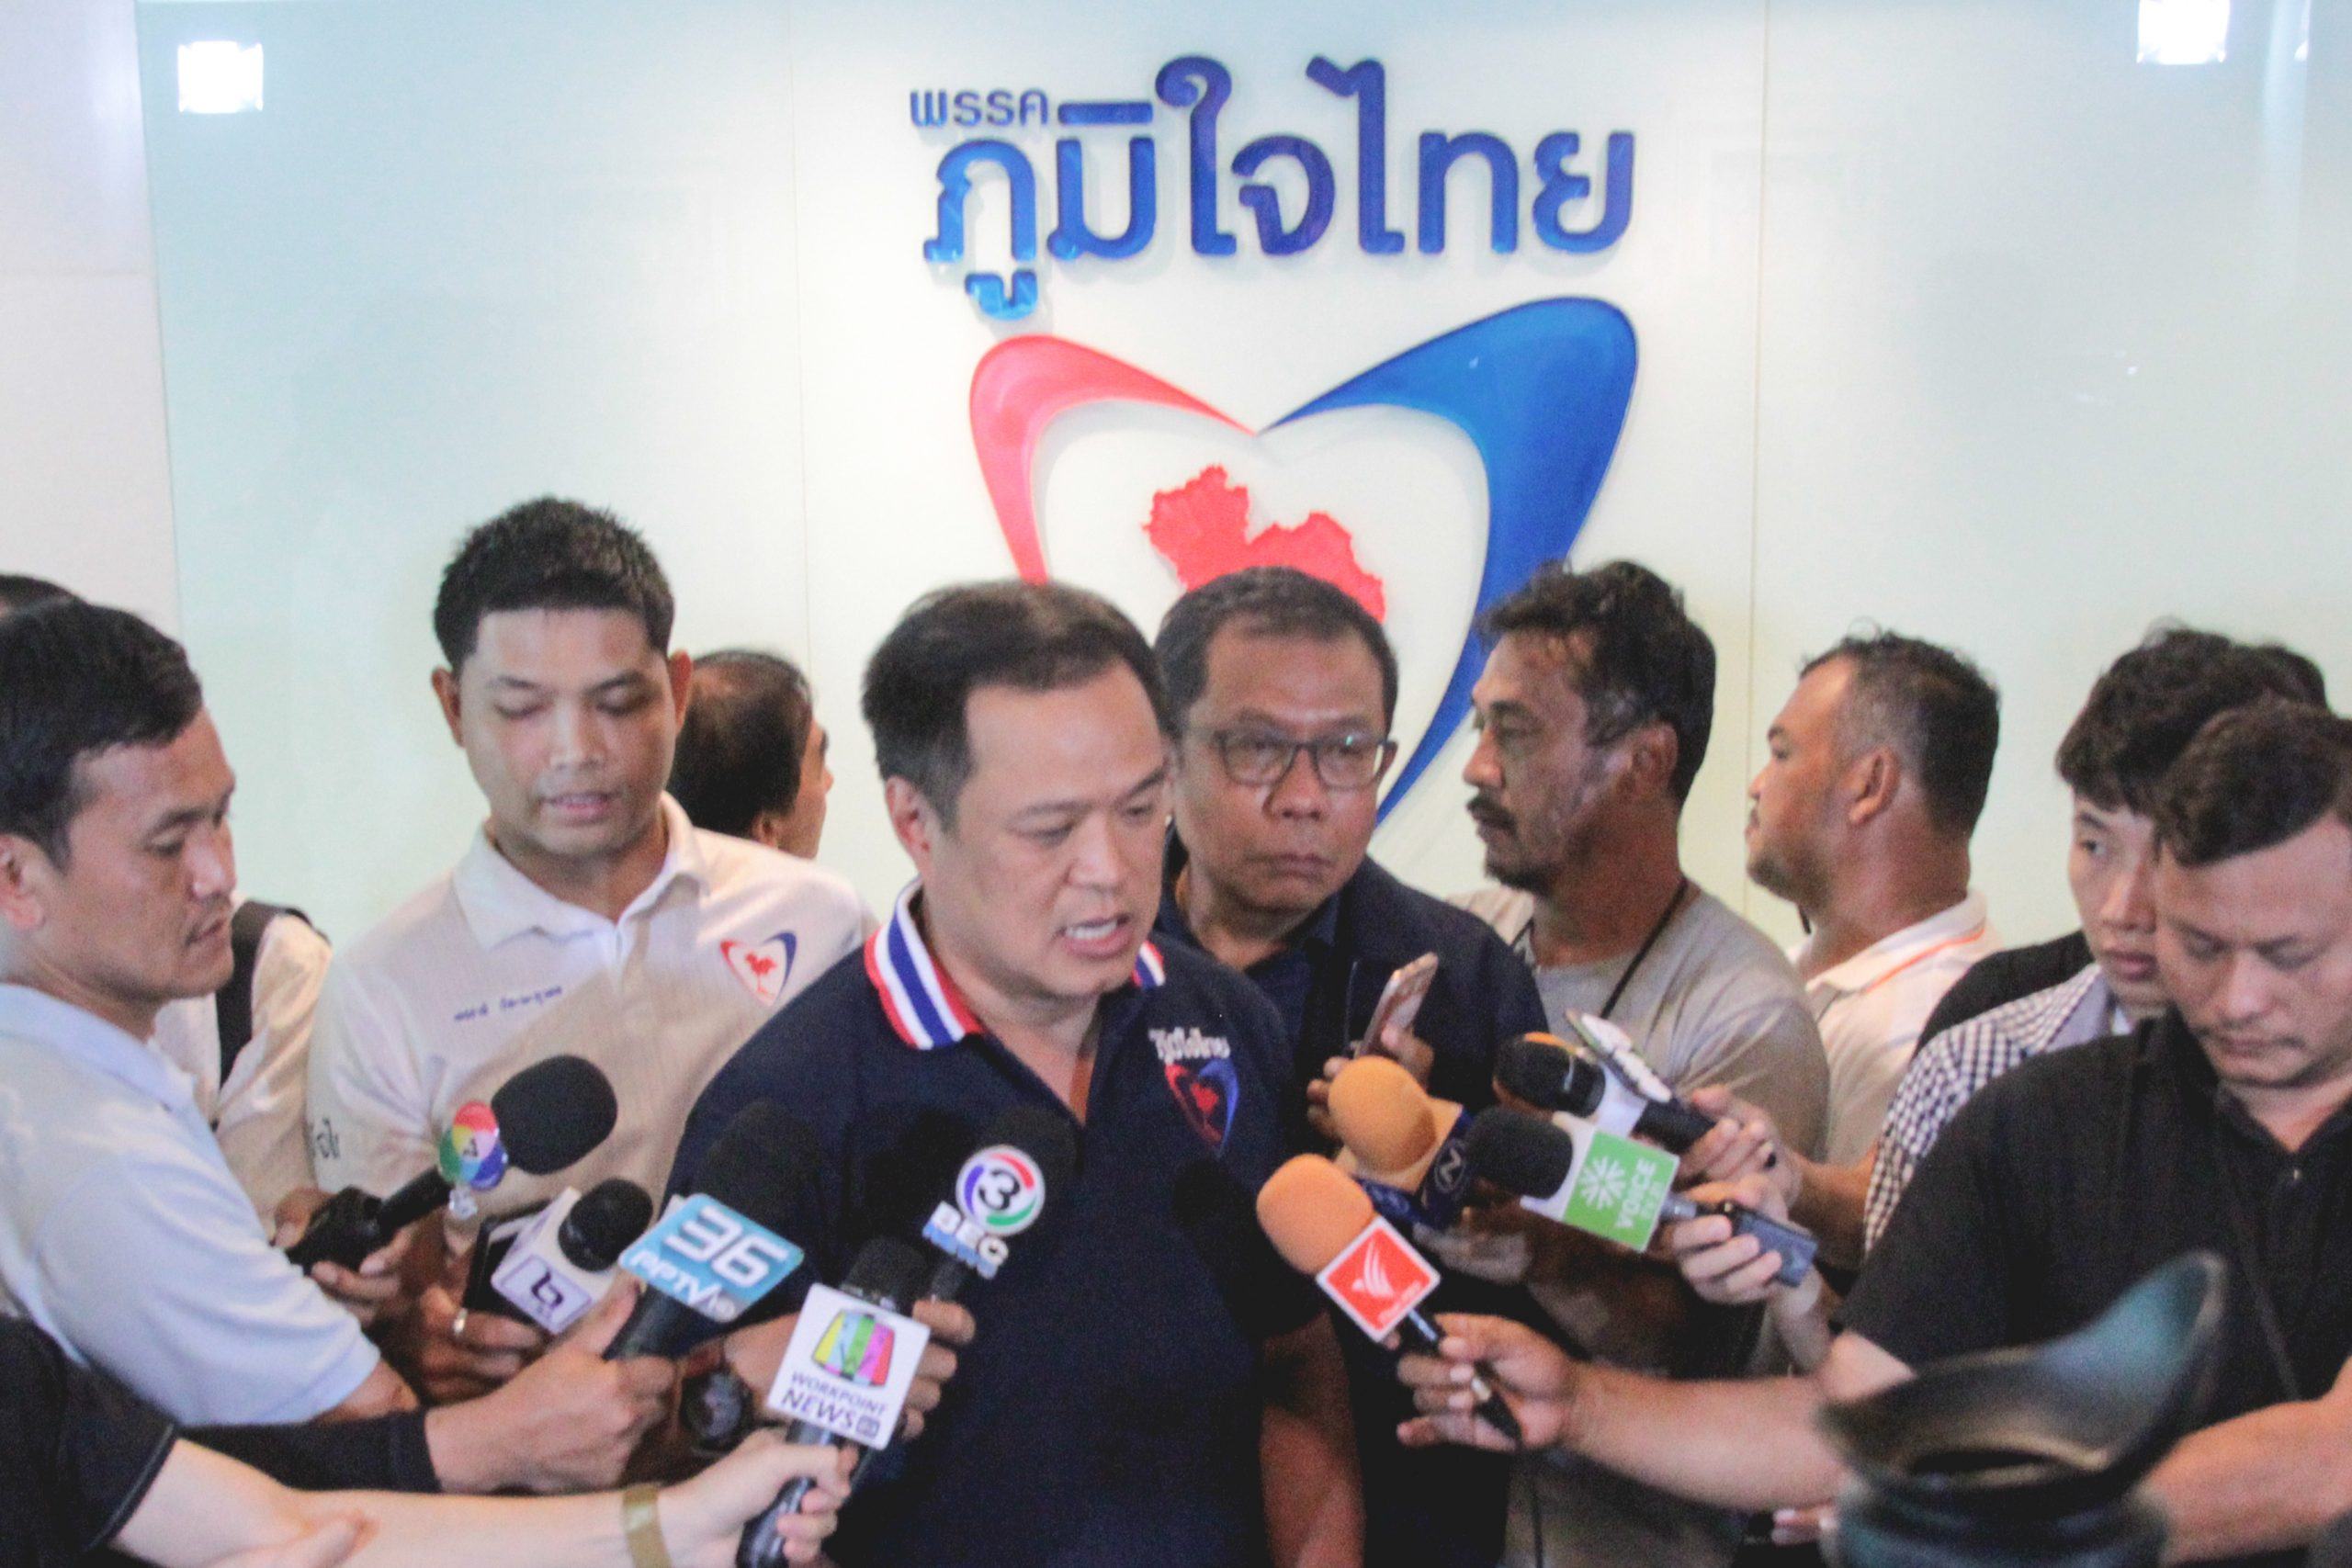 ผลคะแนนเลือกตั้ง พรรคภูมิใจไทย เลือกตั้ง62